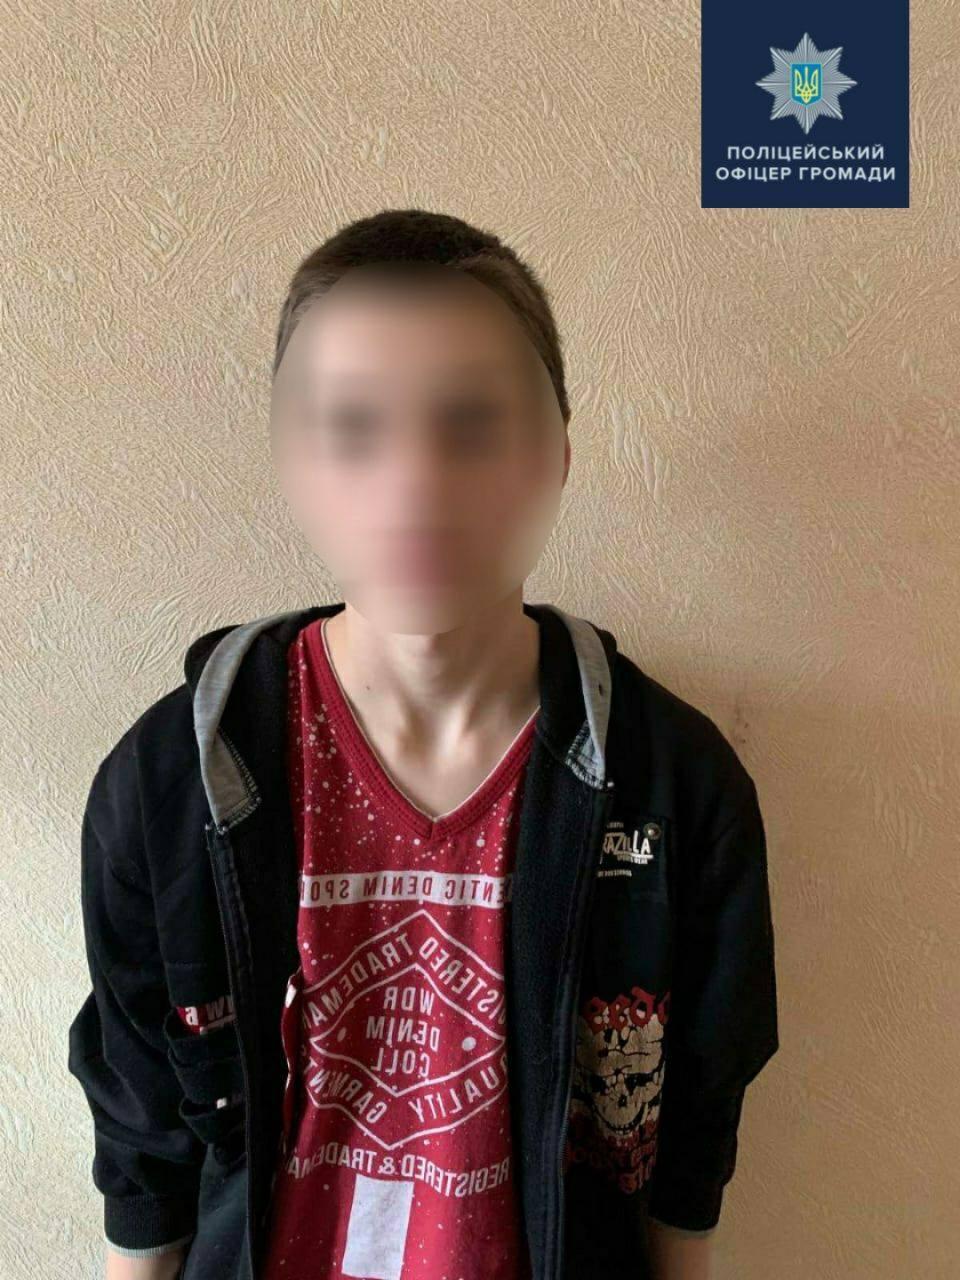 Двоє підлітків та молодик пограбували будинок черкащанина